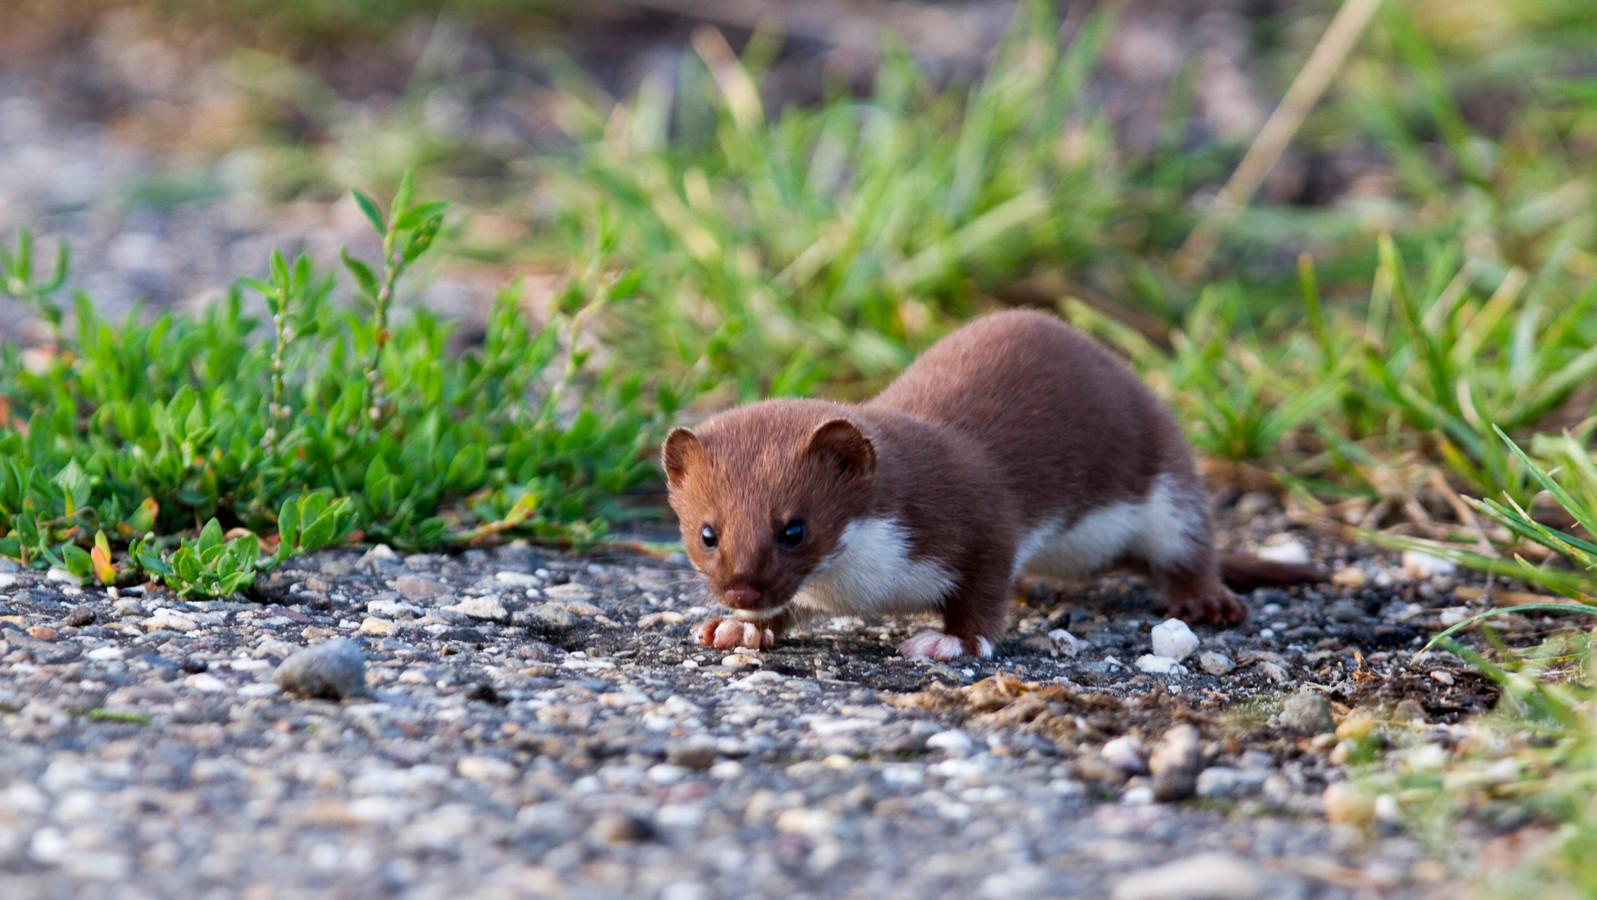 Een hermelijn, een van de vele dieren die door sluipverkeer worden doodgereden op de Ziendeweg.